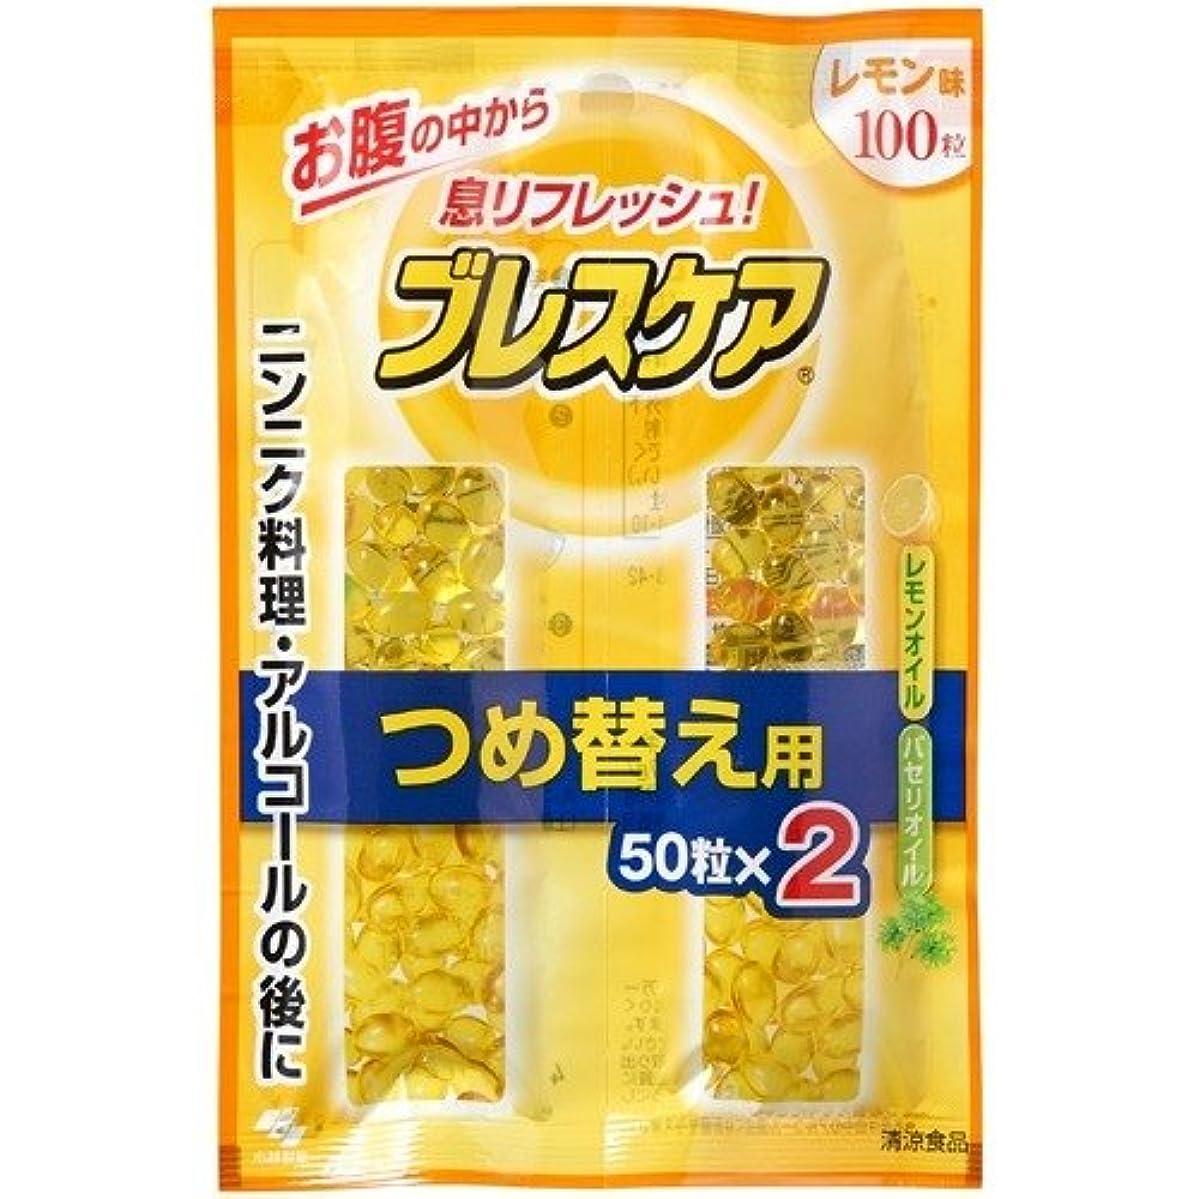 フォロー百年憲法ブレスケア詰替レモン 50粒×2